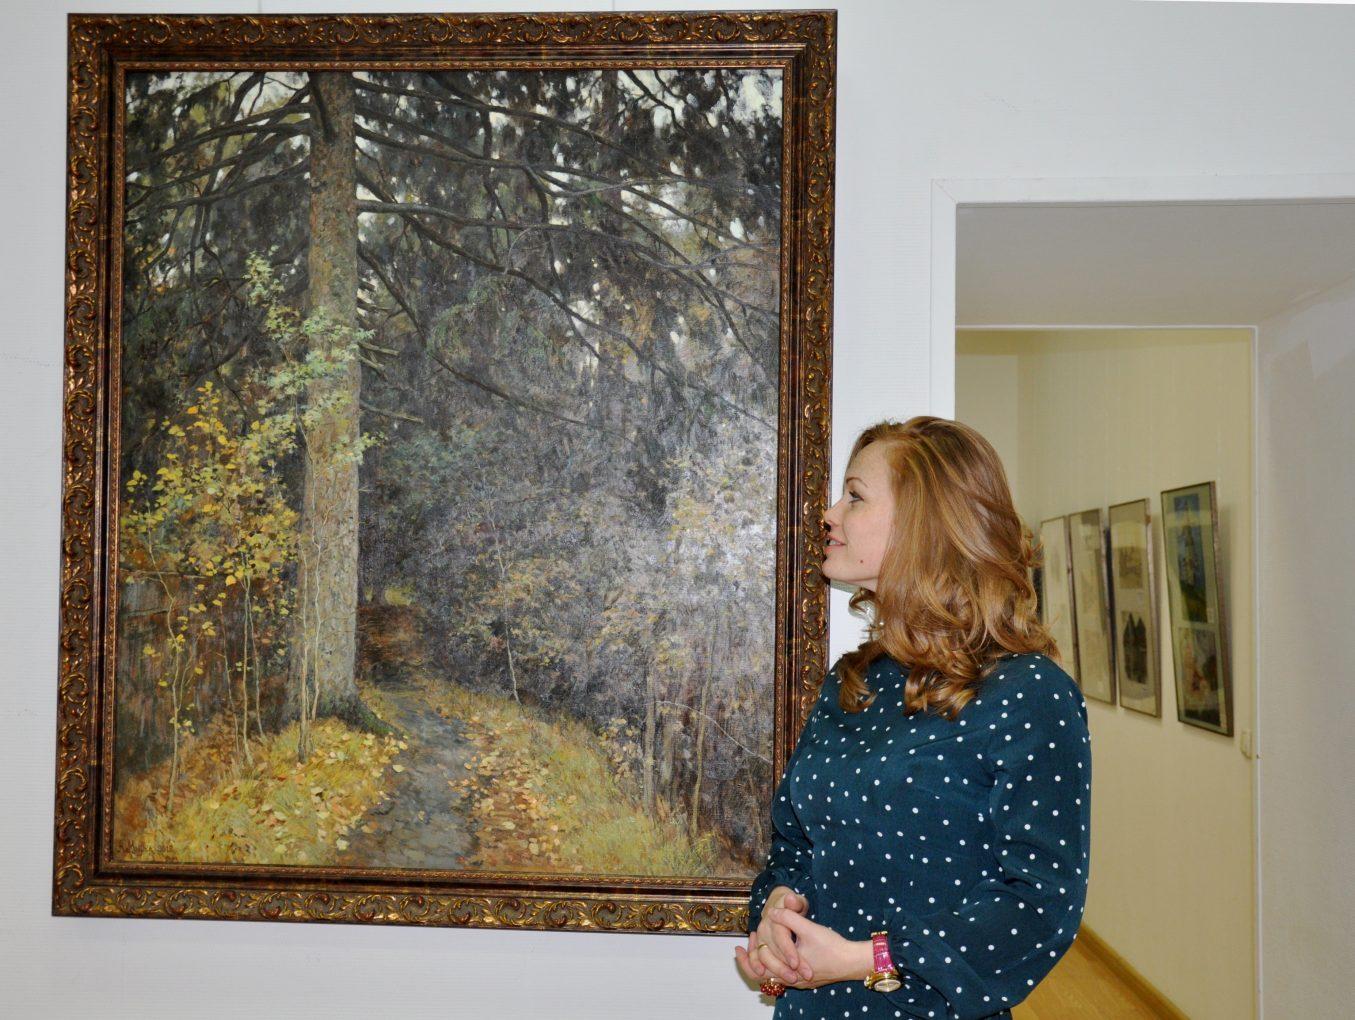 Выставка в честь 85-летия художественной школы им В.А.Серова при поддержке Фонда Валентина Серова (ноябрь 2019)